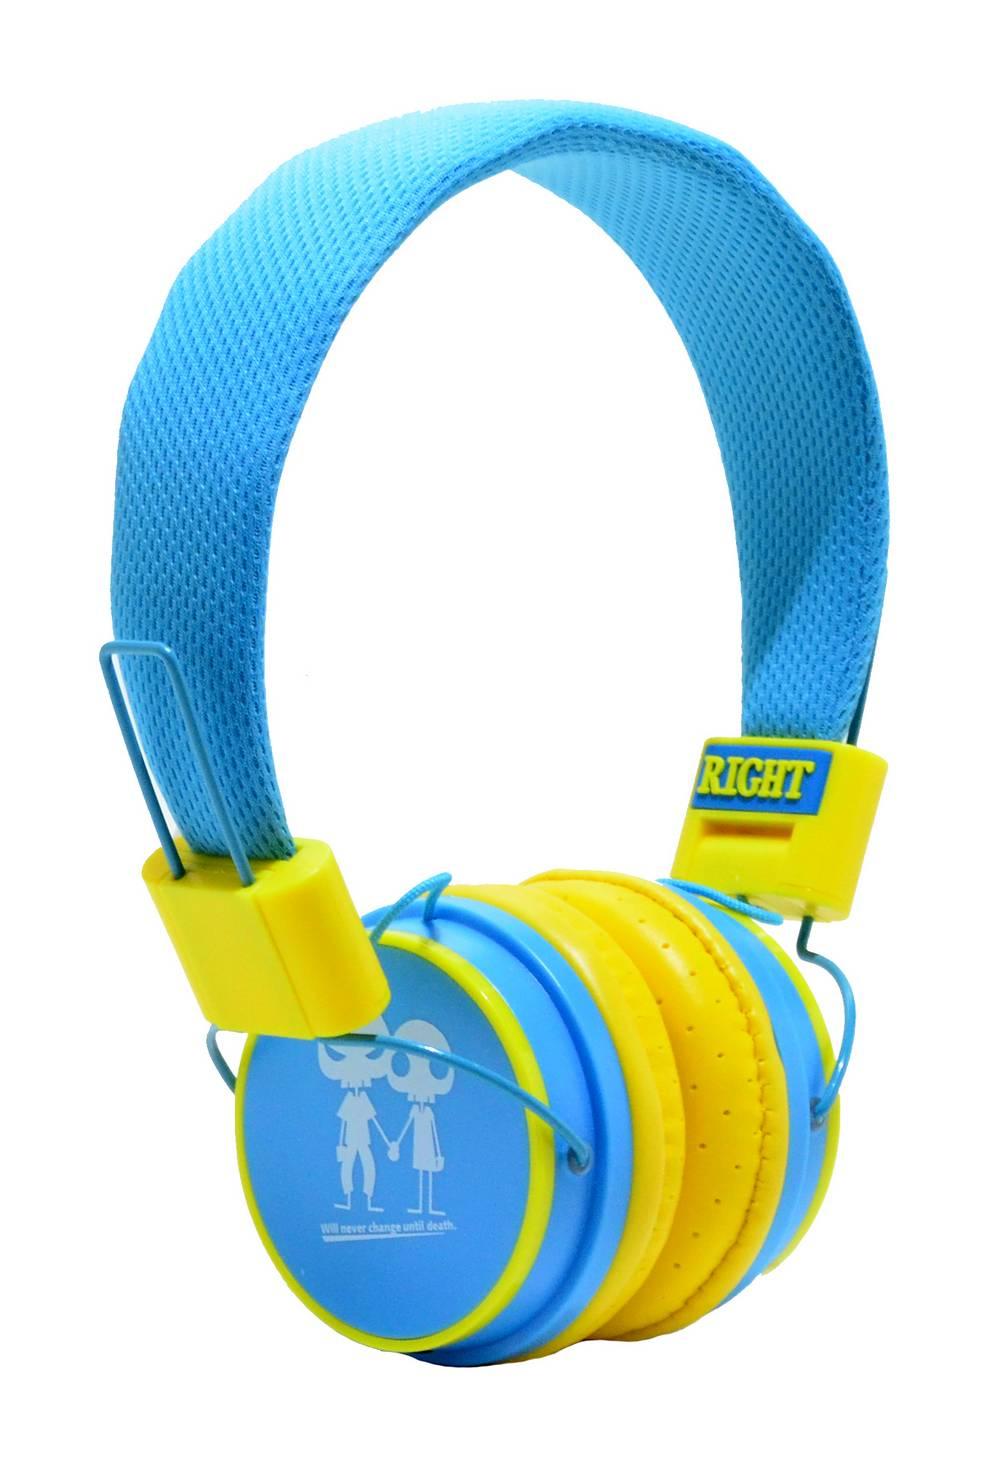 Ακουστικά Stereo Baby EP-15 3.5 mm Μπλέ - Κίτρινο με Μικρόφωνο, Πλήκτρο Απάντησης για Κινητά, mp3, mp4 και Συσκευές Ήχου